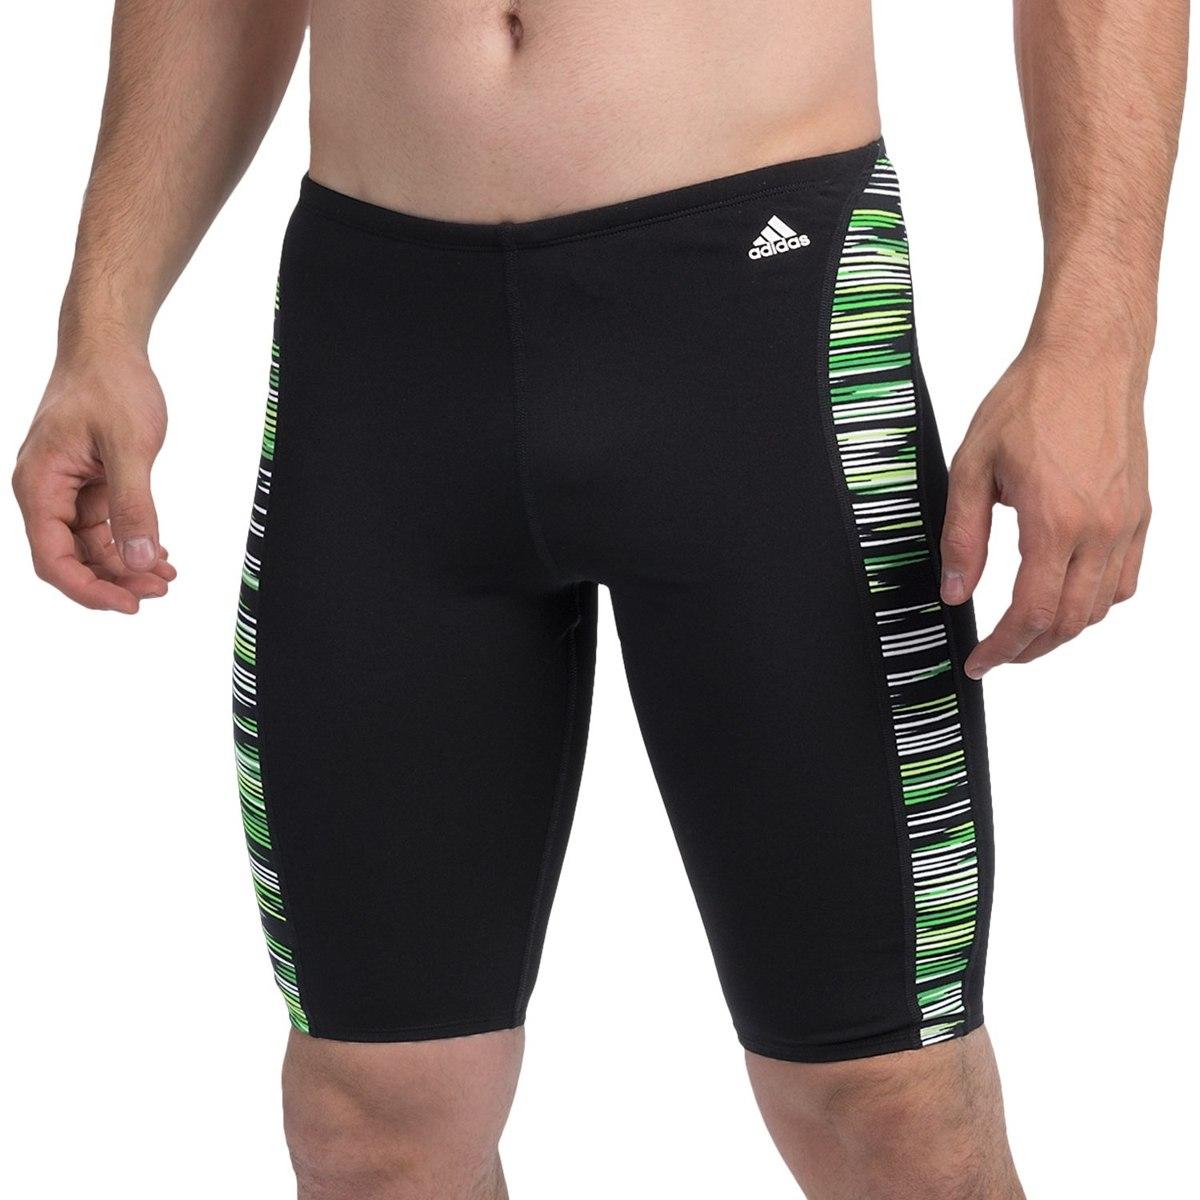 Traje De Baño Verde Hombre:Traje De Baño Para Hombre Adidas Infinitex Licra De Natación – $ 600